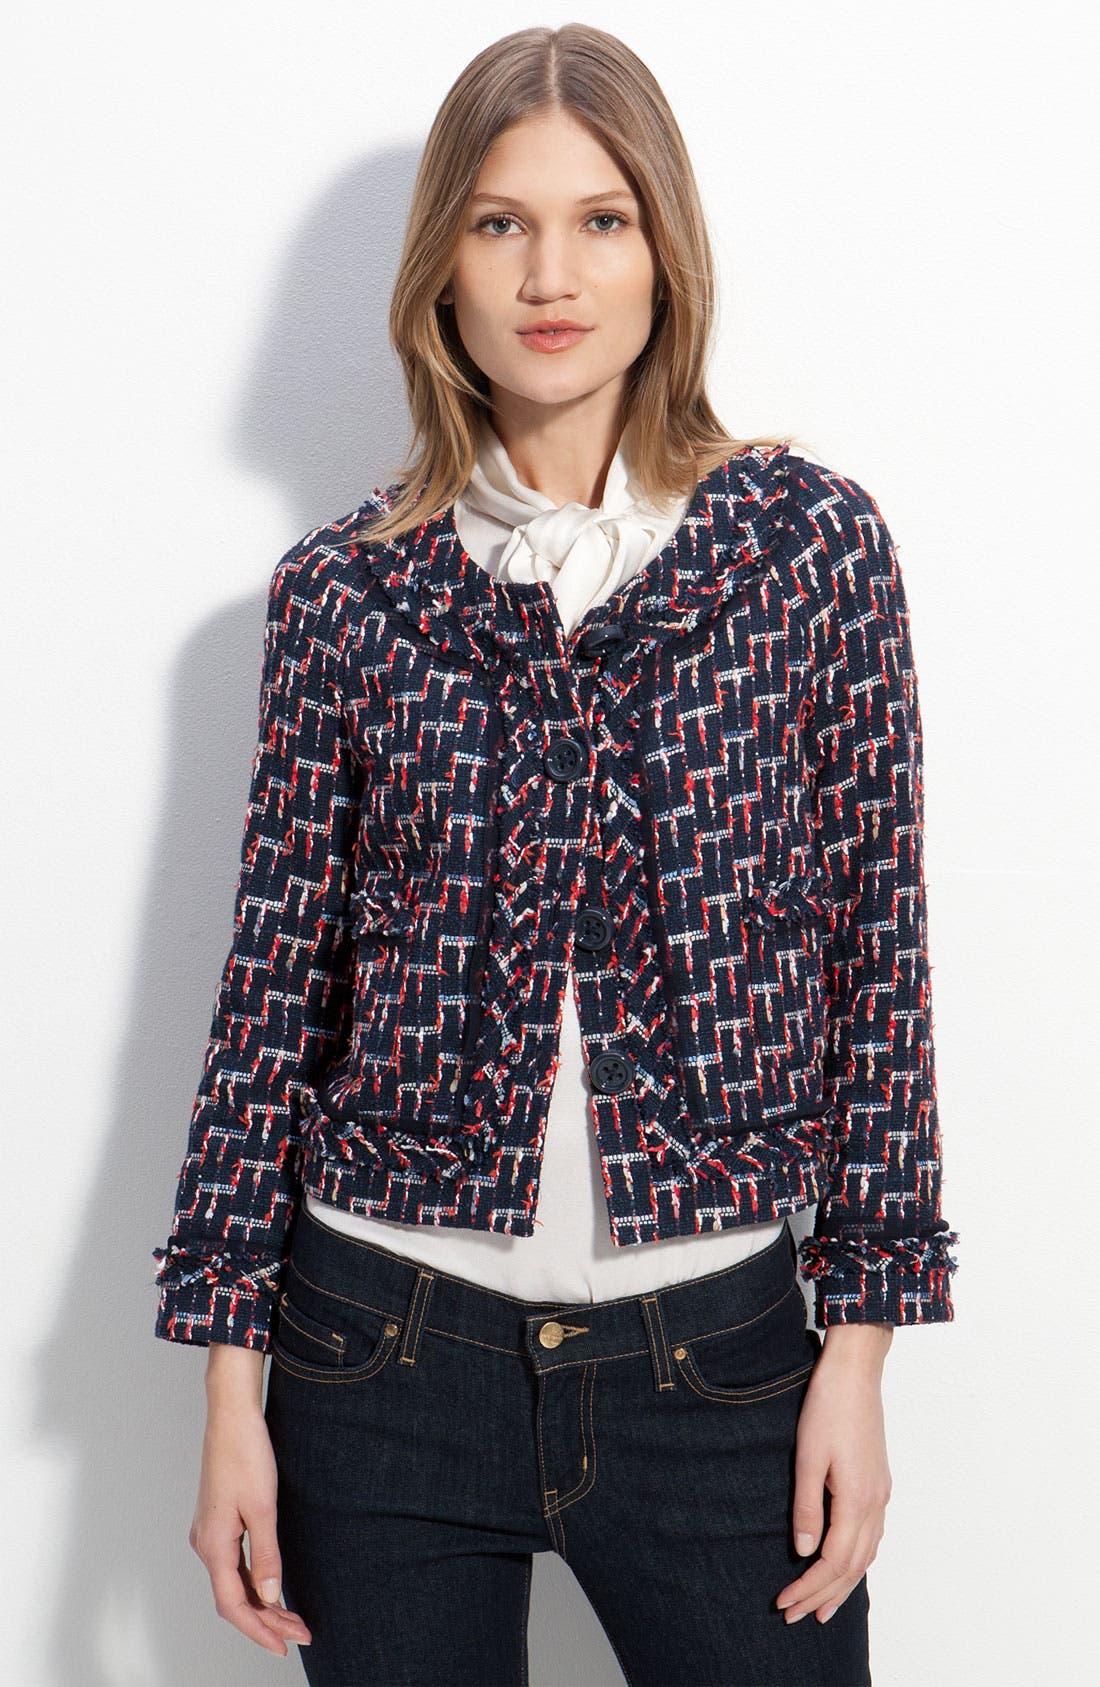 Alternate Image 1 Selected - kate spade new york 'darby' tweed jacket